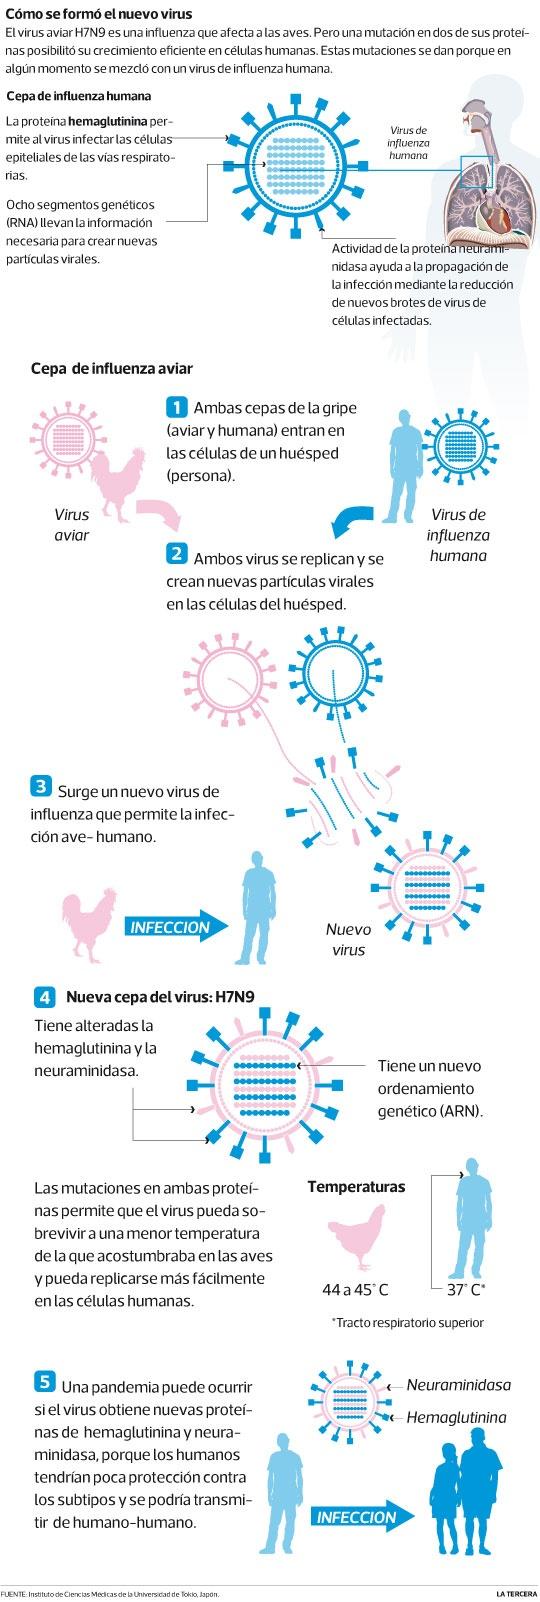 Estudio dice que nueva gripe H7N9 se adapta a humanos. El 31 de marzo pasado, en China se informó del primer contagiado. A la fecha van 60 y 10 muertos.